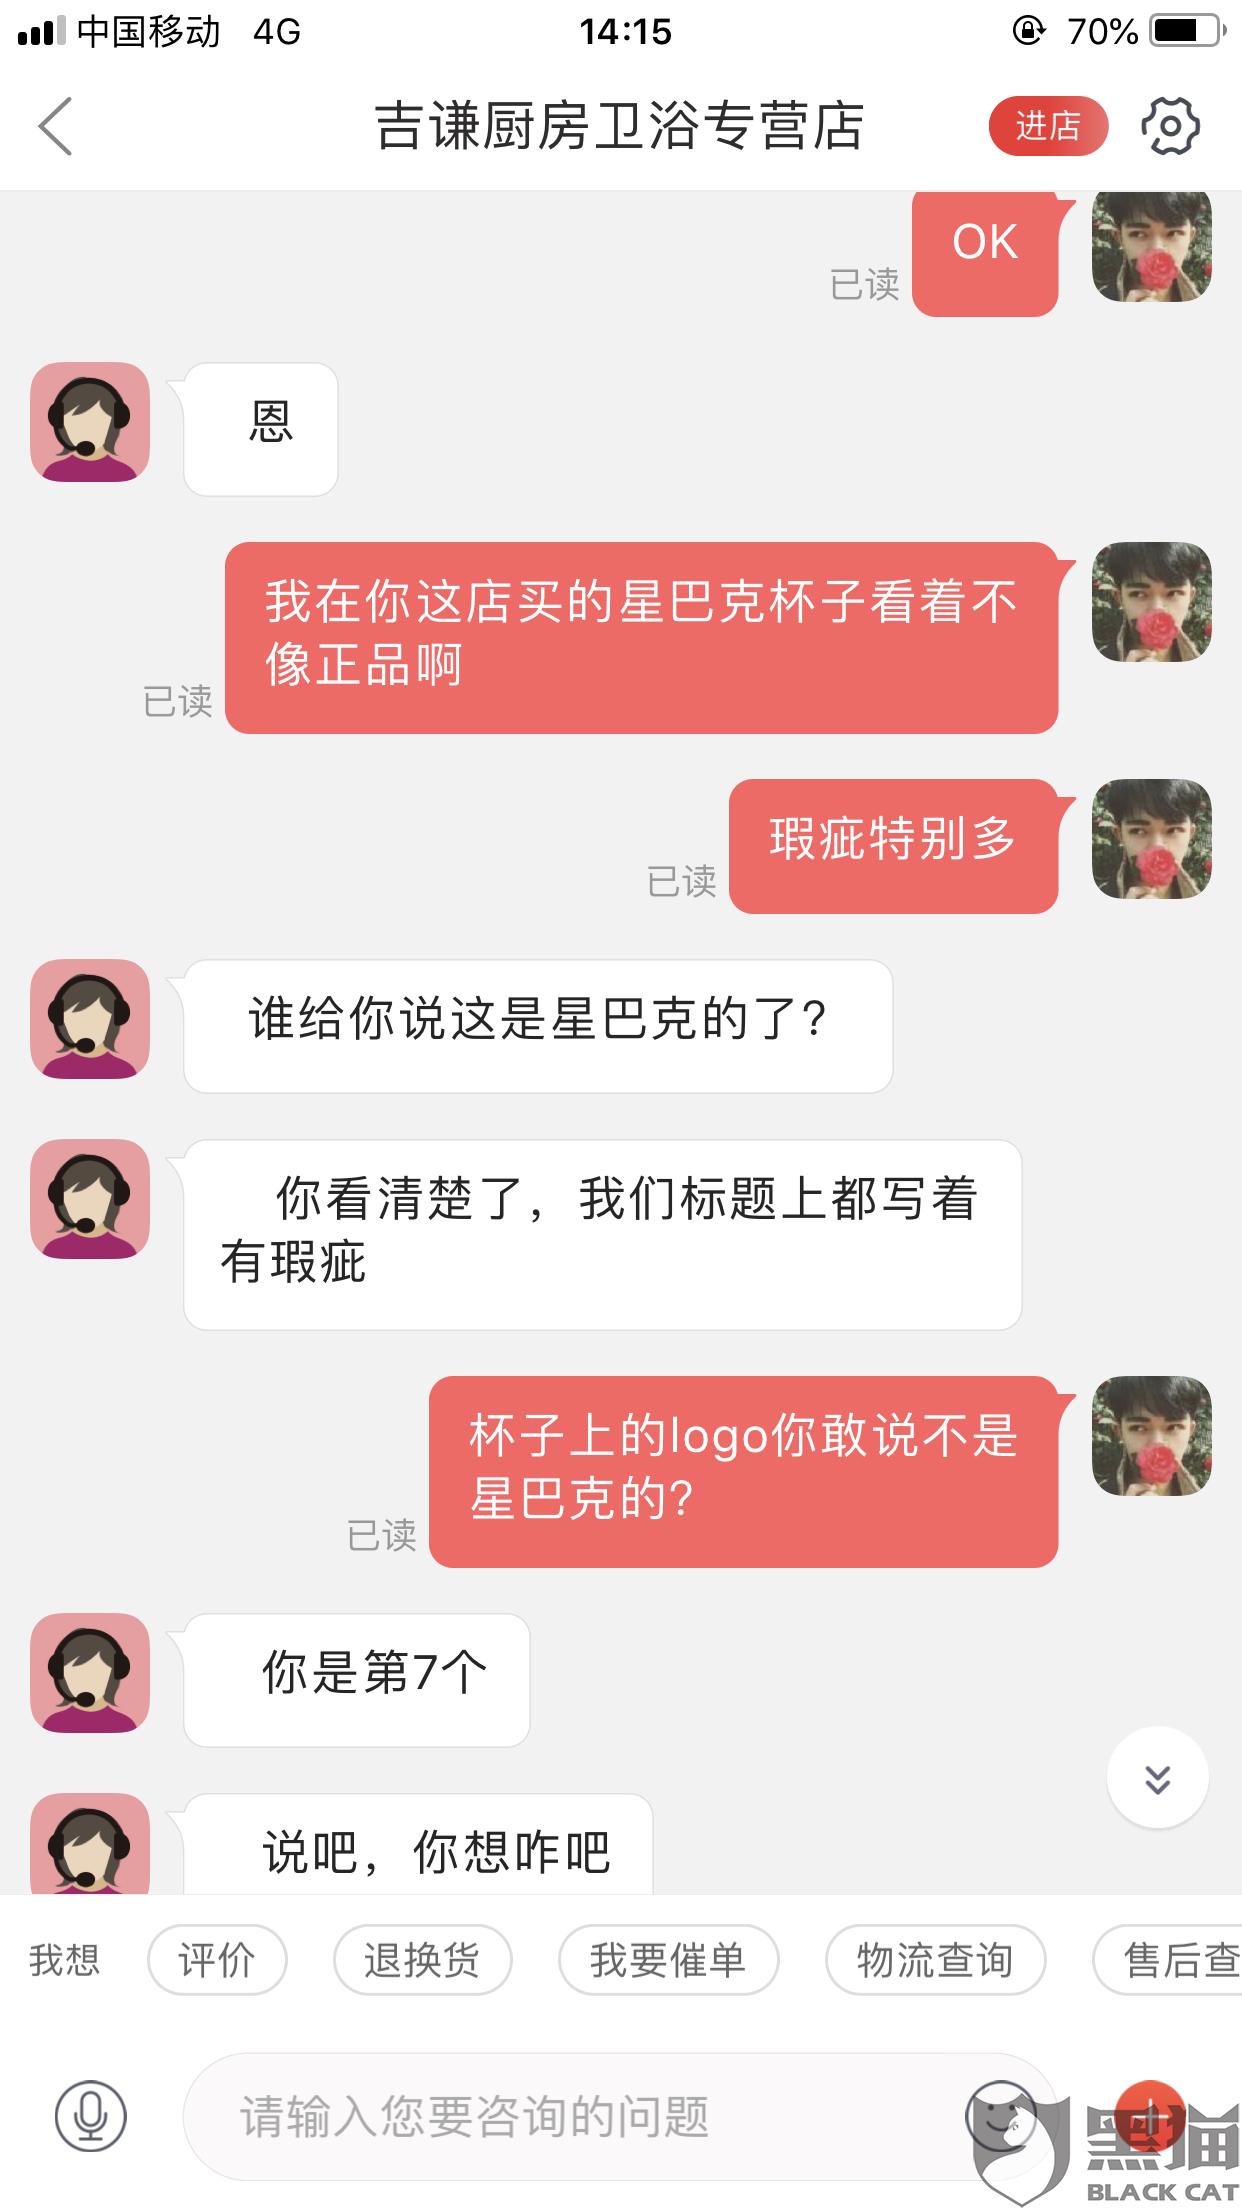 黑猫投诉:京东店名为吉谦厨房卫浴专营店售假品牌